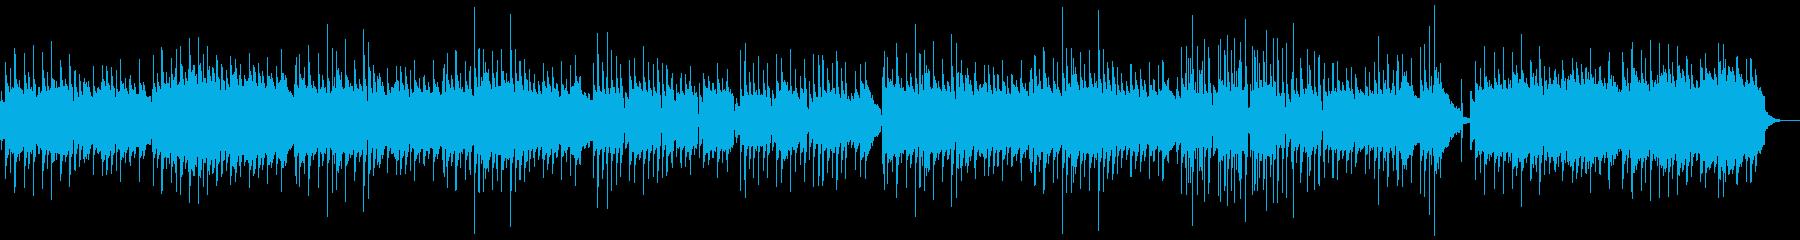 津軽三味線・ギターの生演奏癒し系バラードの再生済みの波形